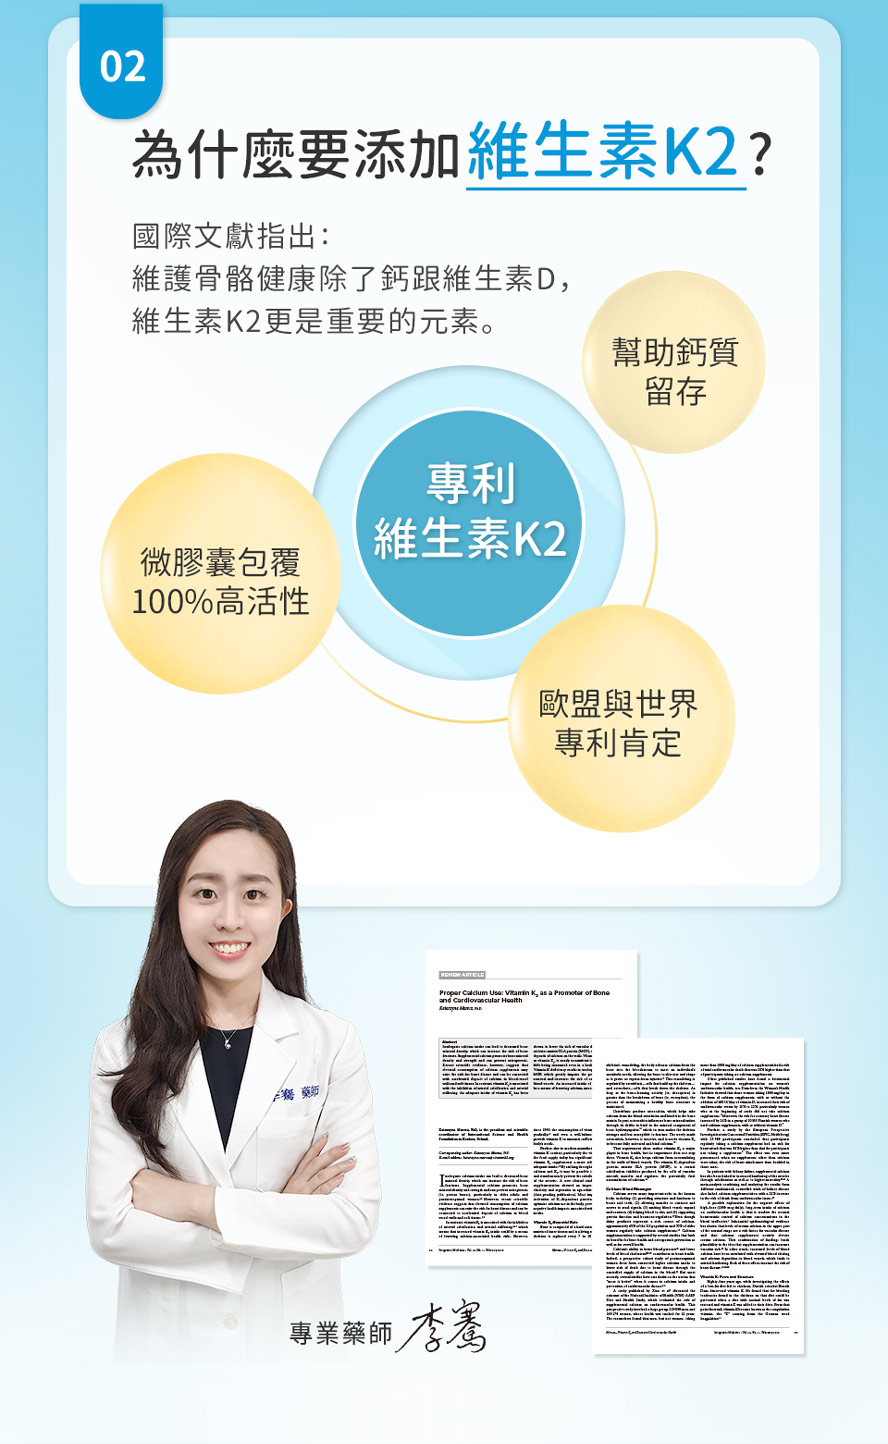 根據國際文獻指出,保護骨骼的補鈣配方建議添加維生素K2與D,可達到鎖鈣效果。